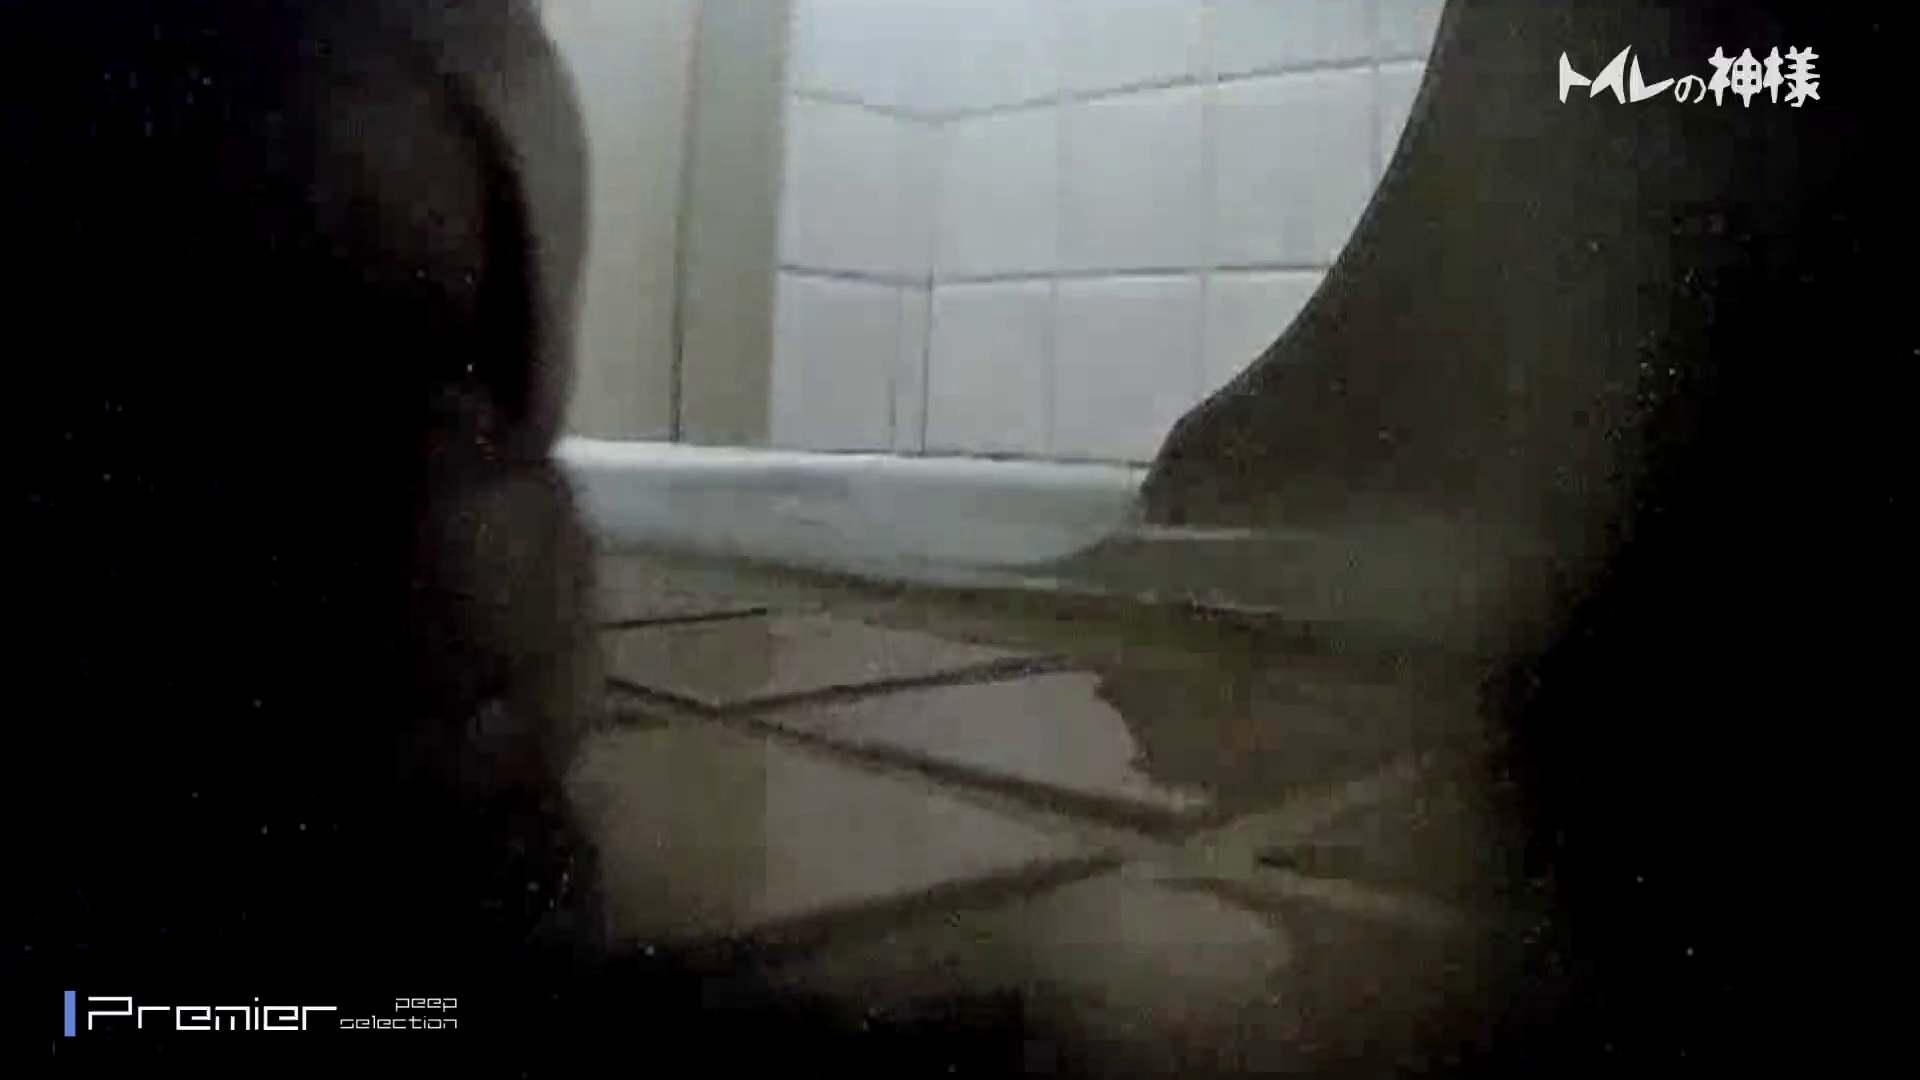 kyouko排泄 うんこをたくさん集めました。トイレの神様 Vol.14 OL   リアルすぎる排泄  83連発 34